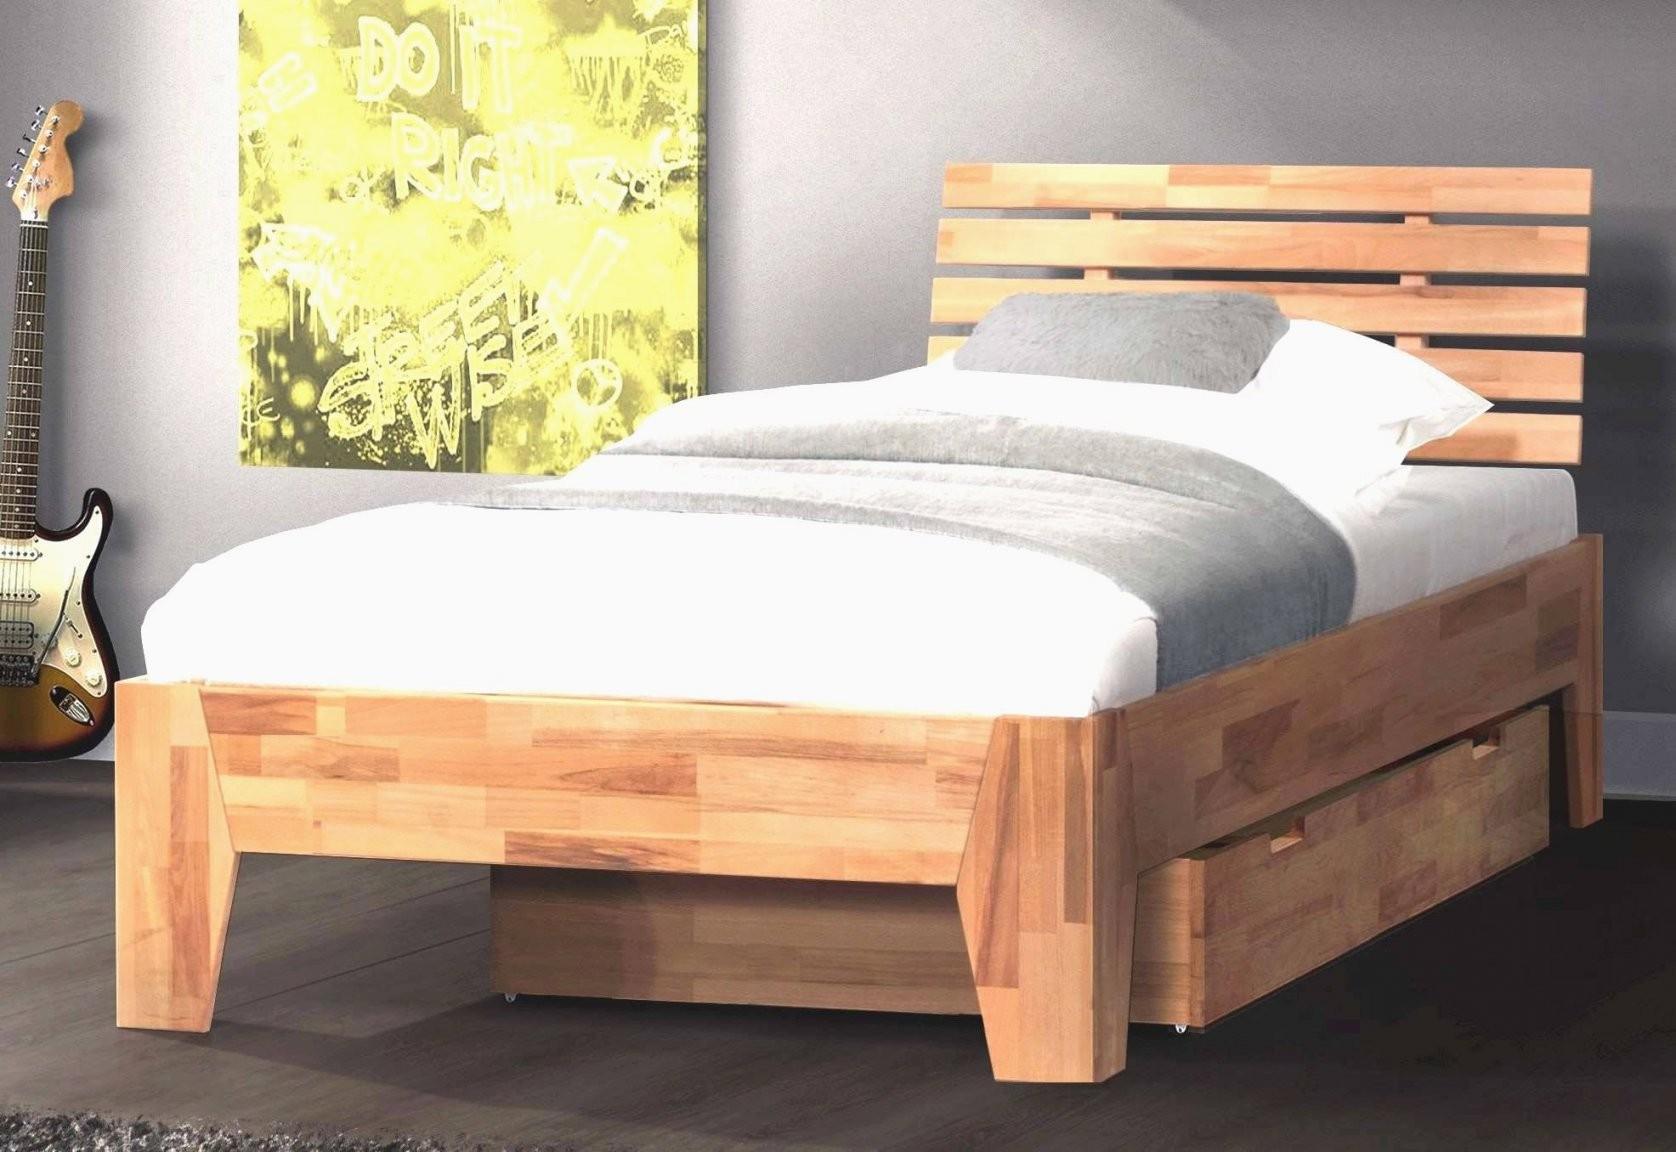 Bett X Inkl Lattenrost U Bett 160×200 Mit Lattenrost Und Matratze As von Bett Mit Matratze Und Lattenrost 90X200 Bild